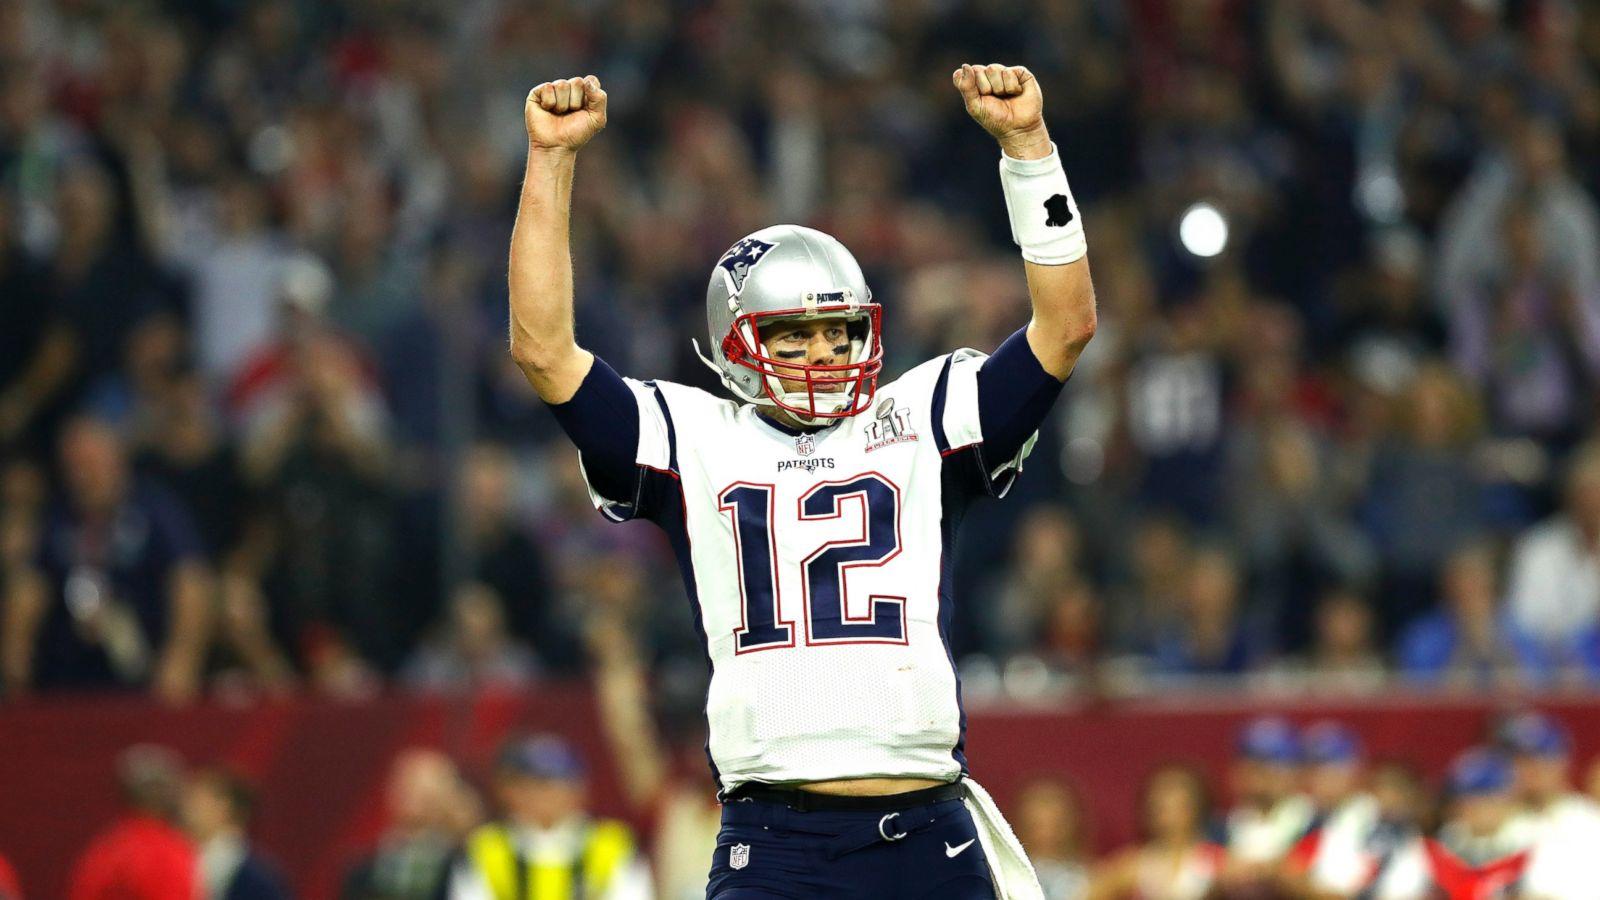 Tom Brady's stolen Super Bowl jersey found